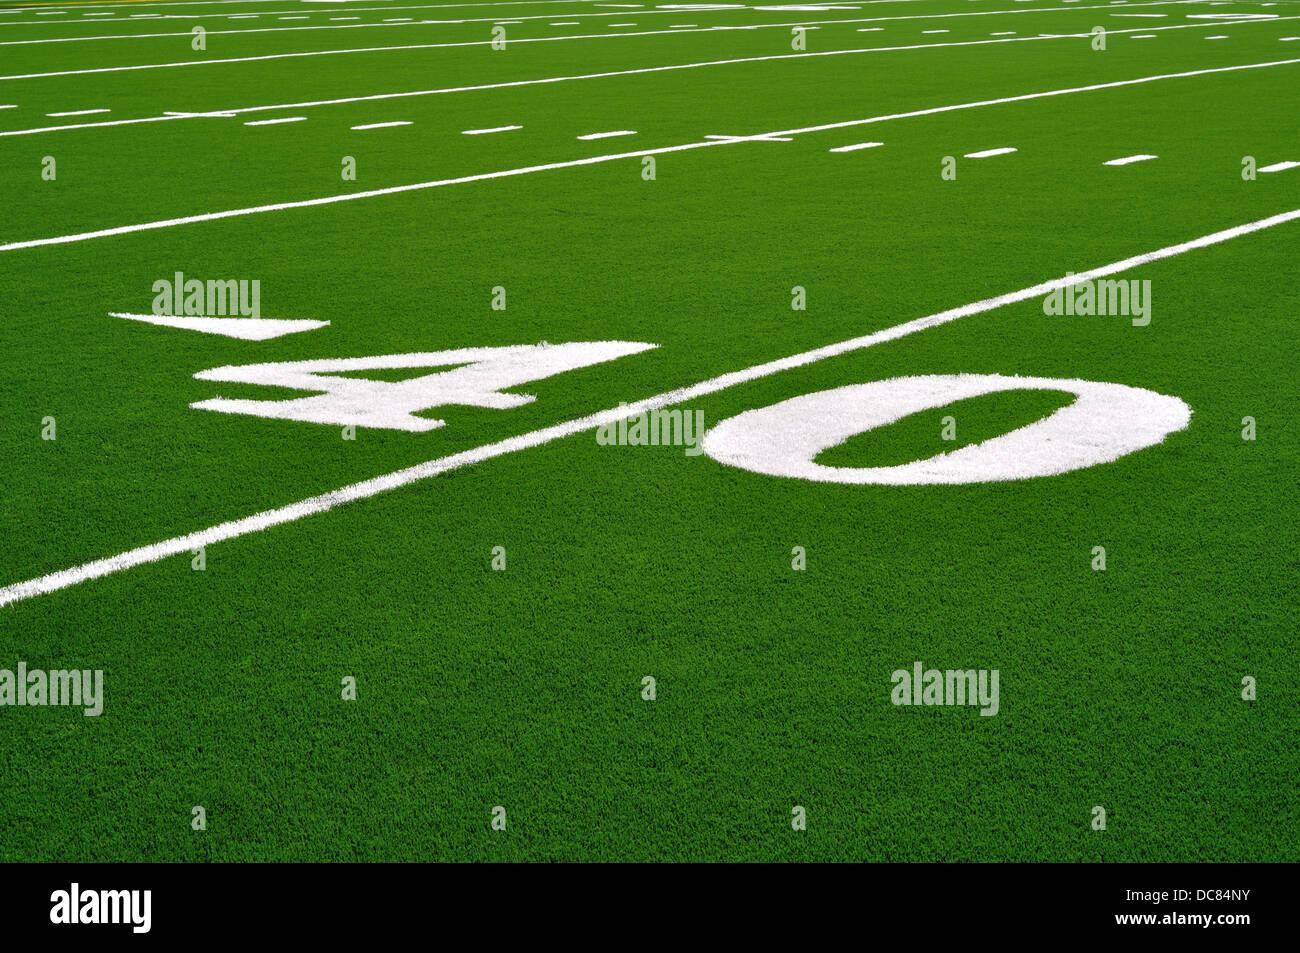 40 yard line en un campo de fútbol americano Imagen De Stock